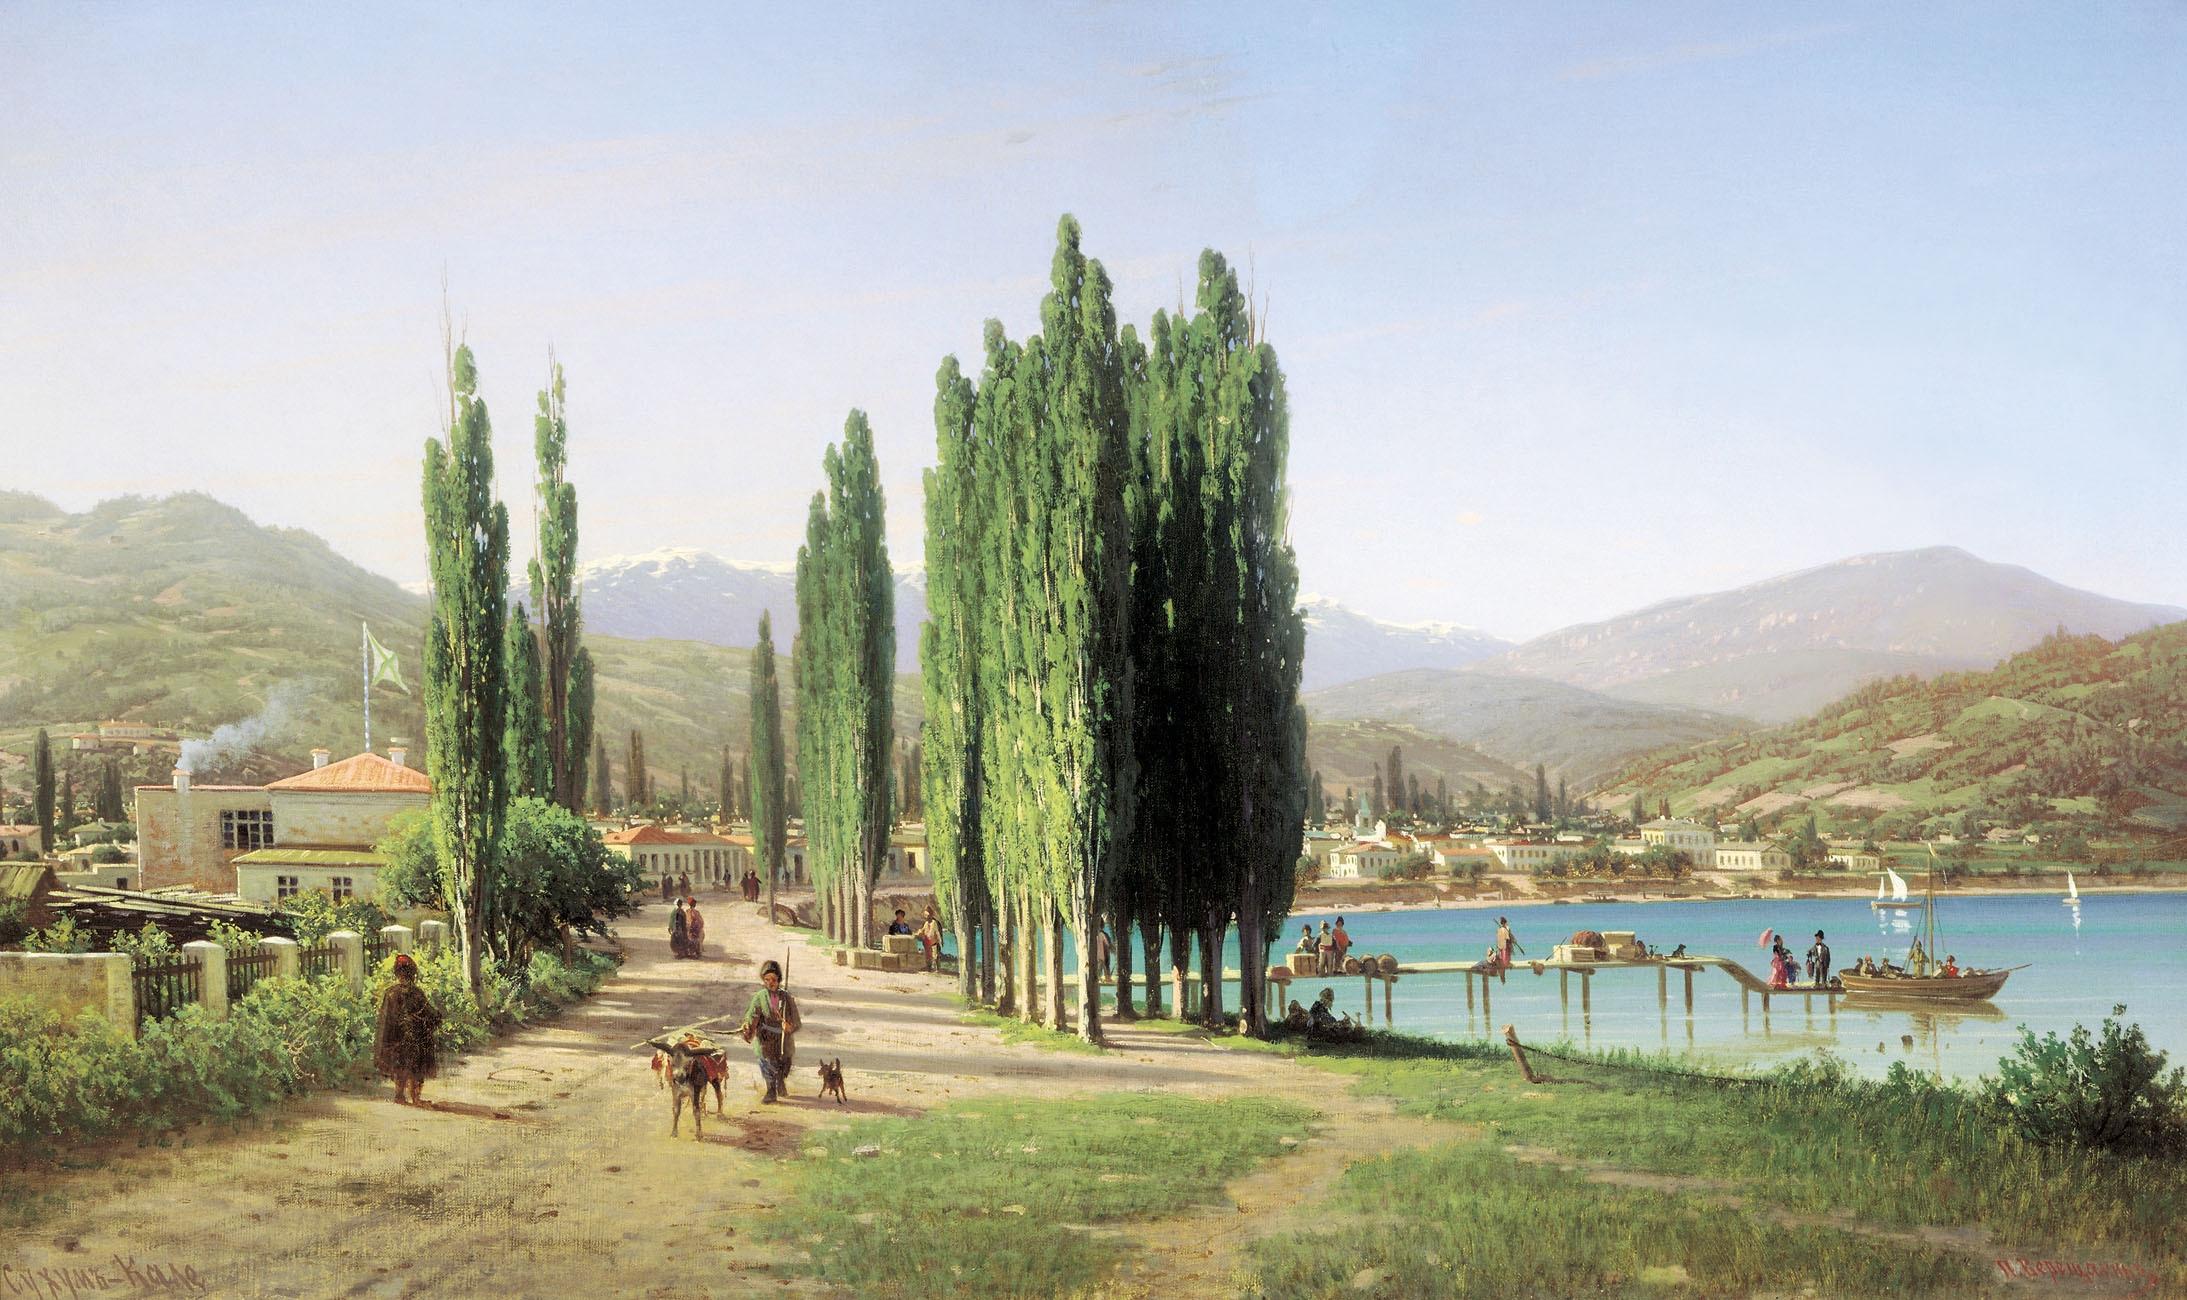 125904 Hintergrundbild herunterladen Natur, Bäume, Kunst, Junge, Malerei, Vieh, Rinder, Wershchaschin, Wereschtschagin - Bildschirmschoner und Bilder kostenlos